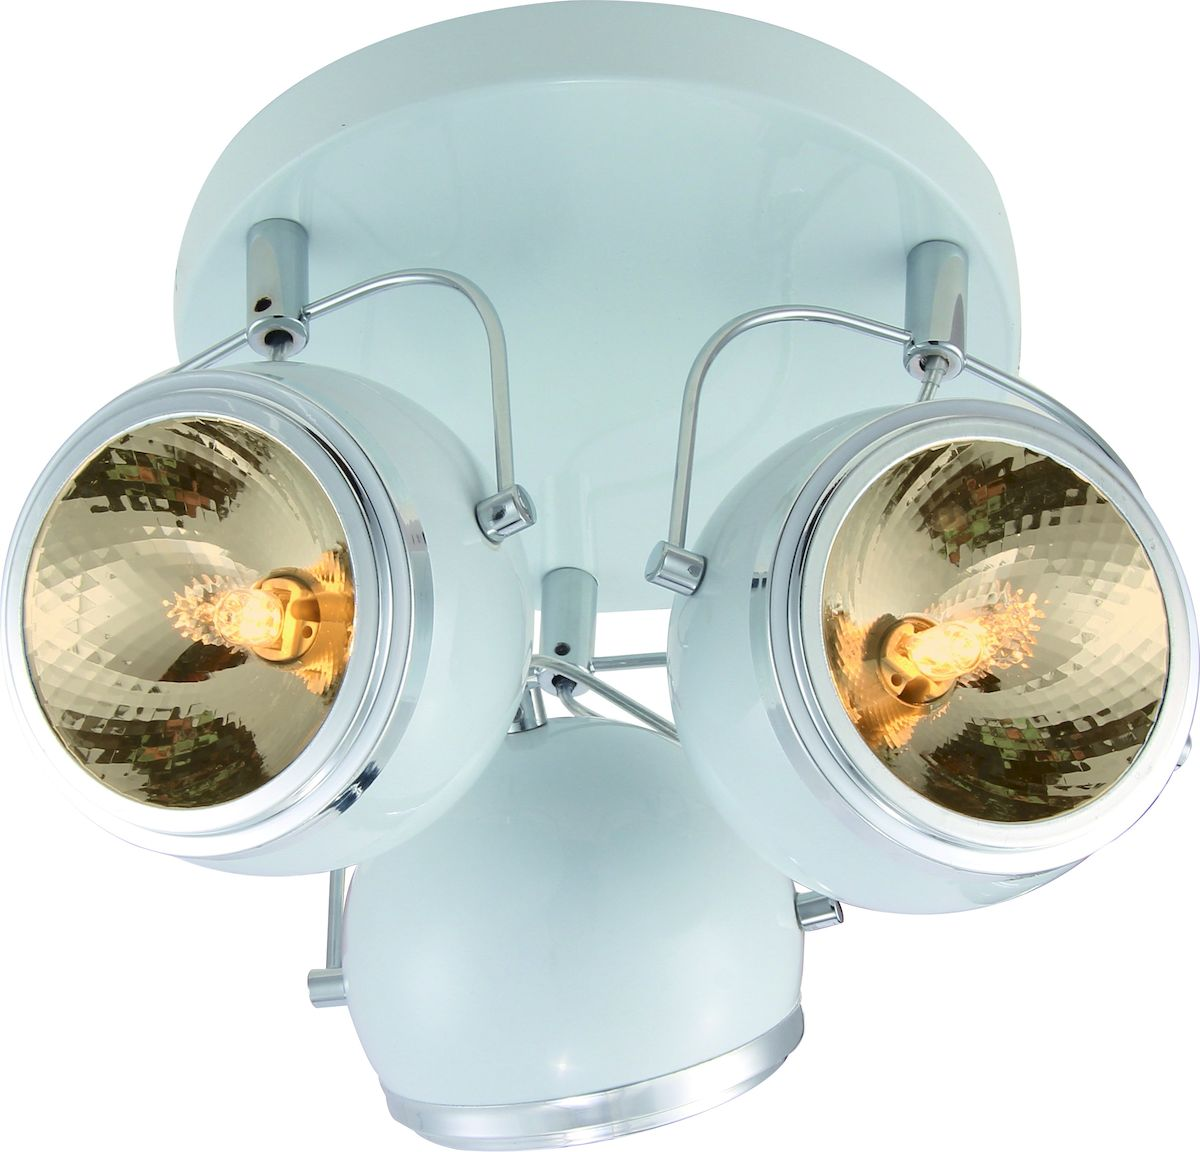 Светильник потолочный Arte Lamp ORBITER A4508PL-3WH спот 98 a4508pl 3wh arte lamp 1194386